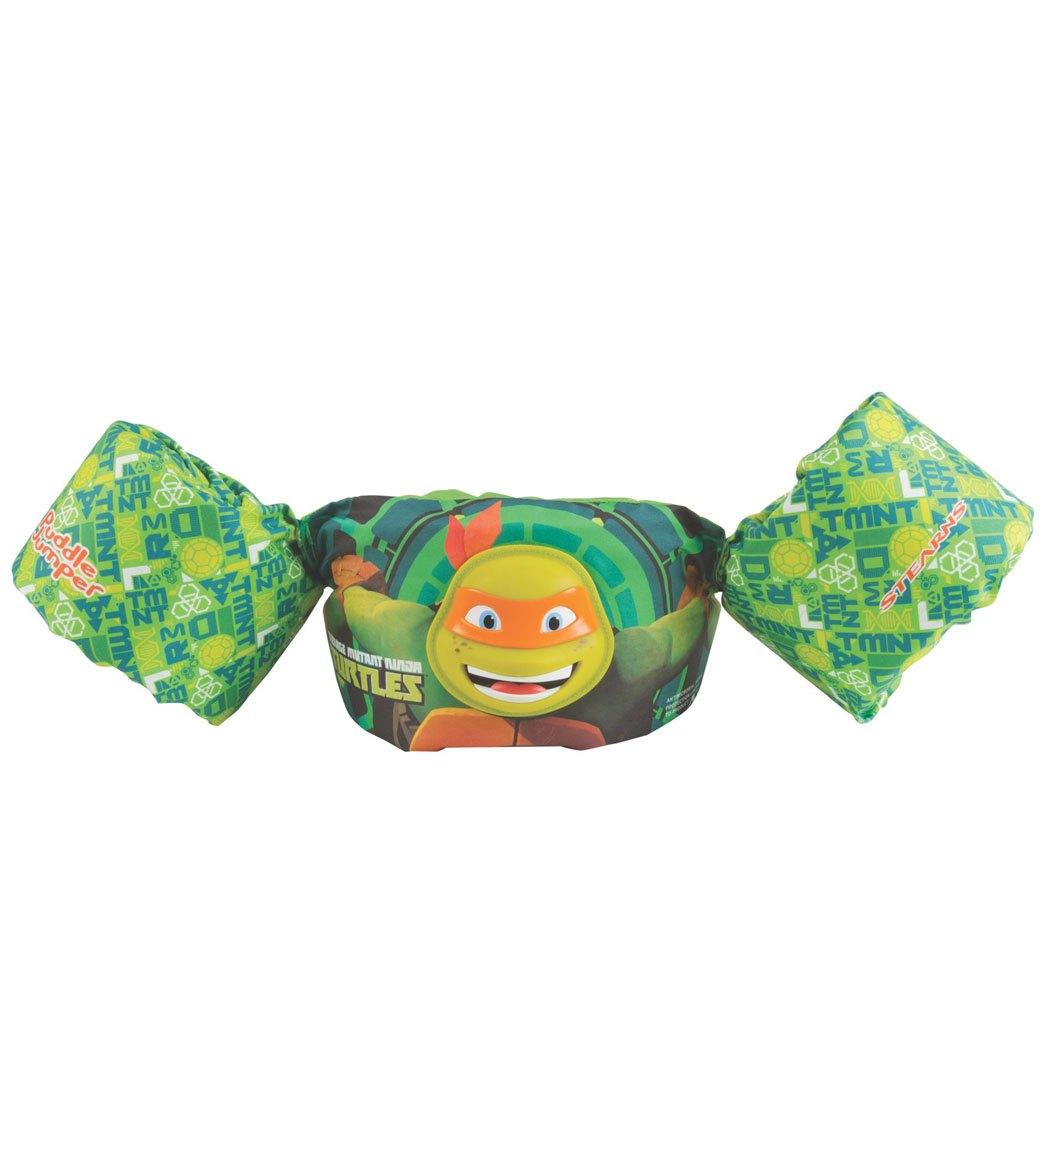 Stearns Puddle Jumper 3d Teenage Mutant Ninja Turtle Life Jacket At